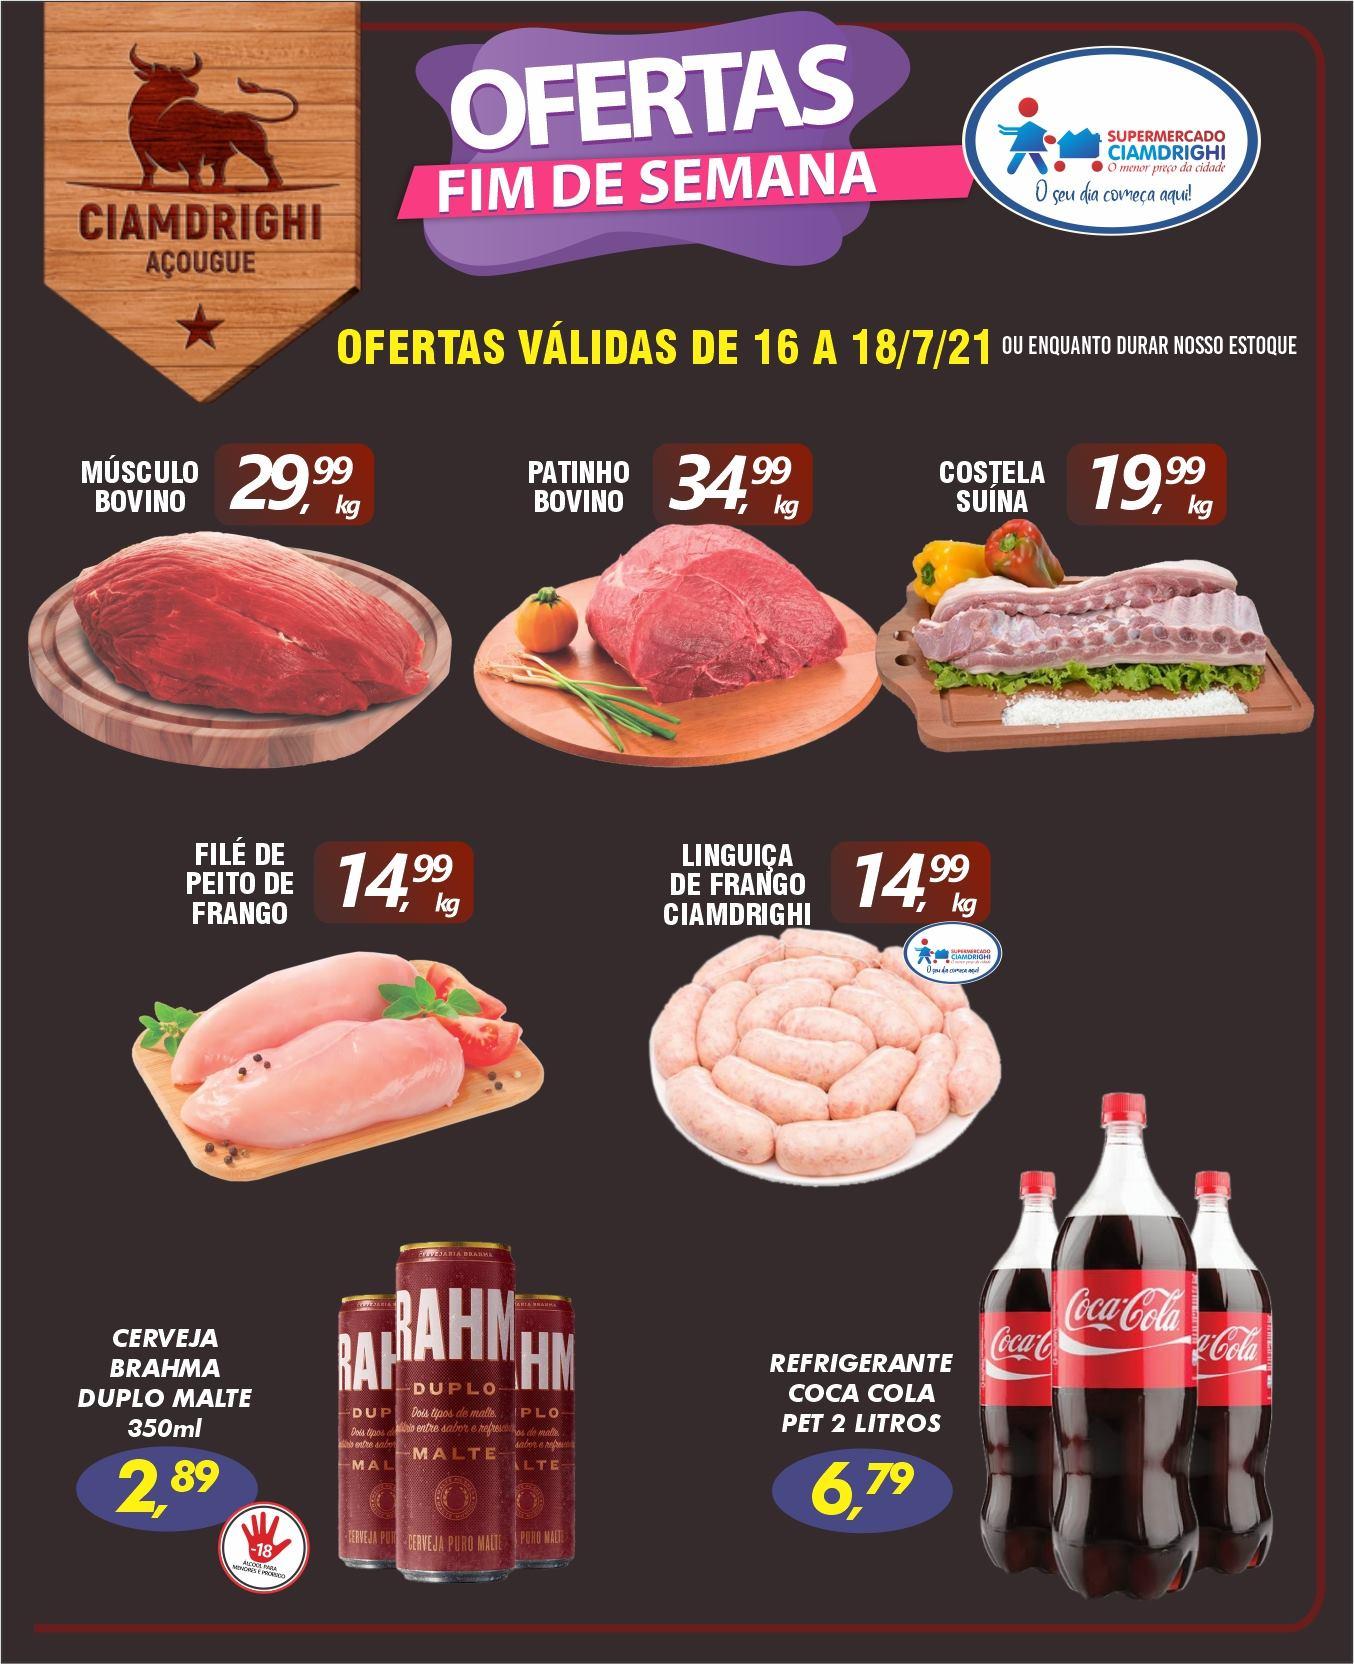 Ciamdrighi tem ofertas no açougue, bebidas e mais 20 opções para o fim de semana